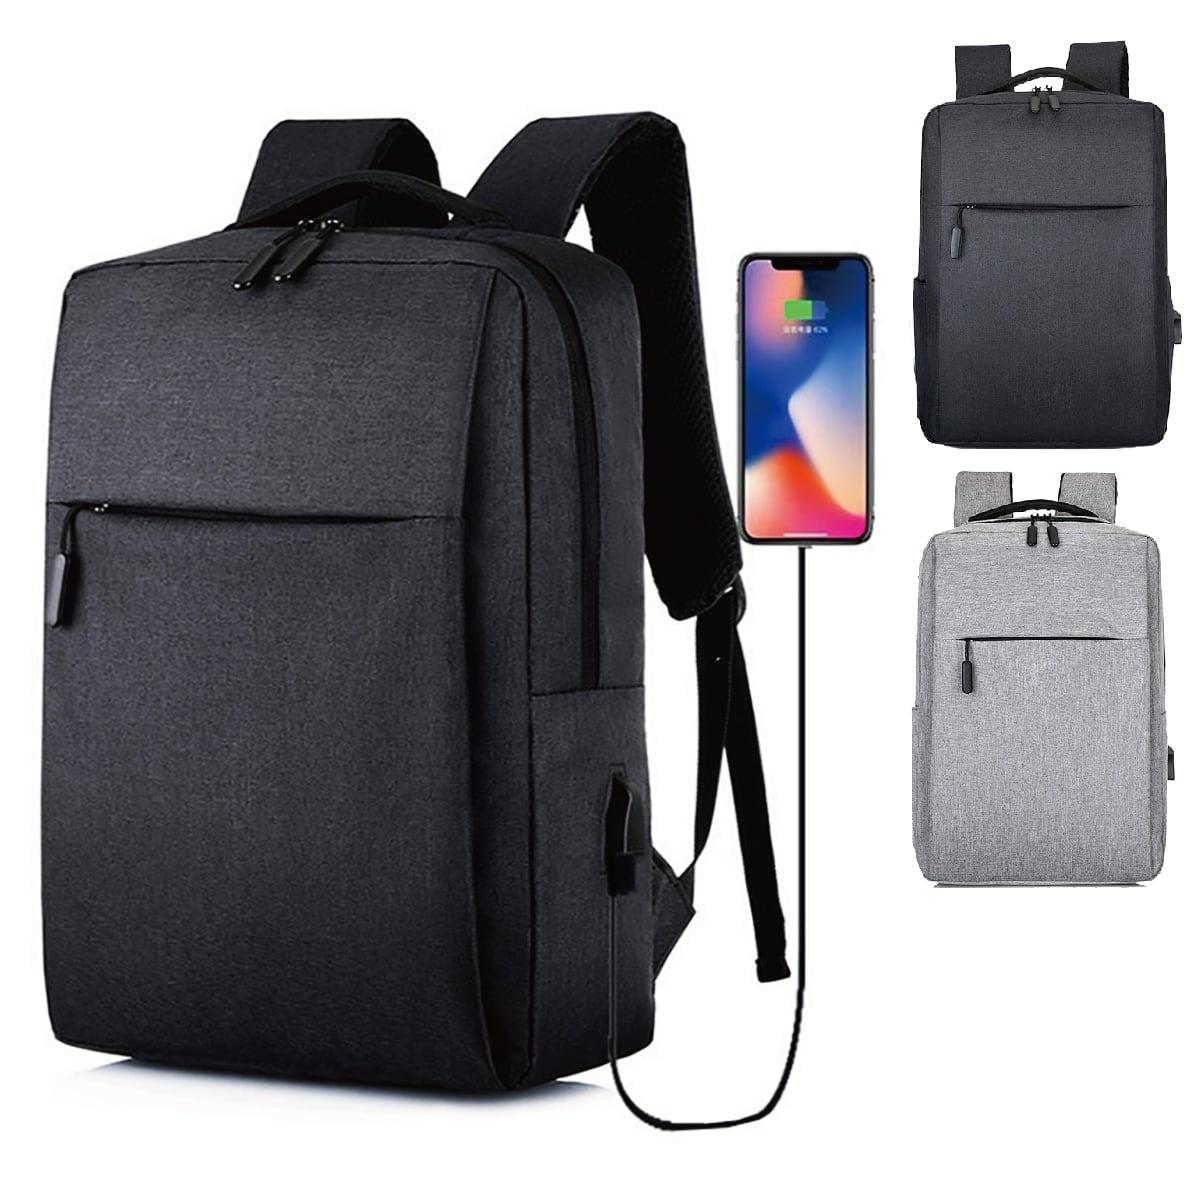 FOX FOUND ビジネスリュック USB充電ポート バックパック メンズ 防水 15.6インチノートPC収納